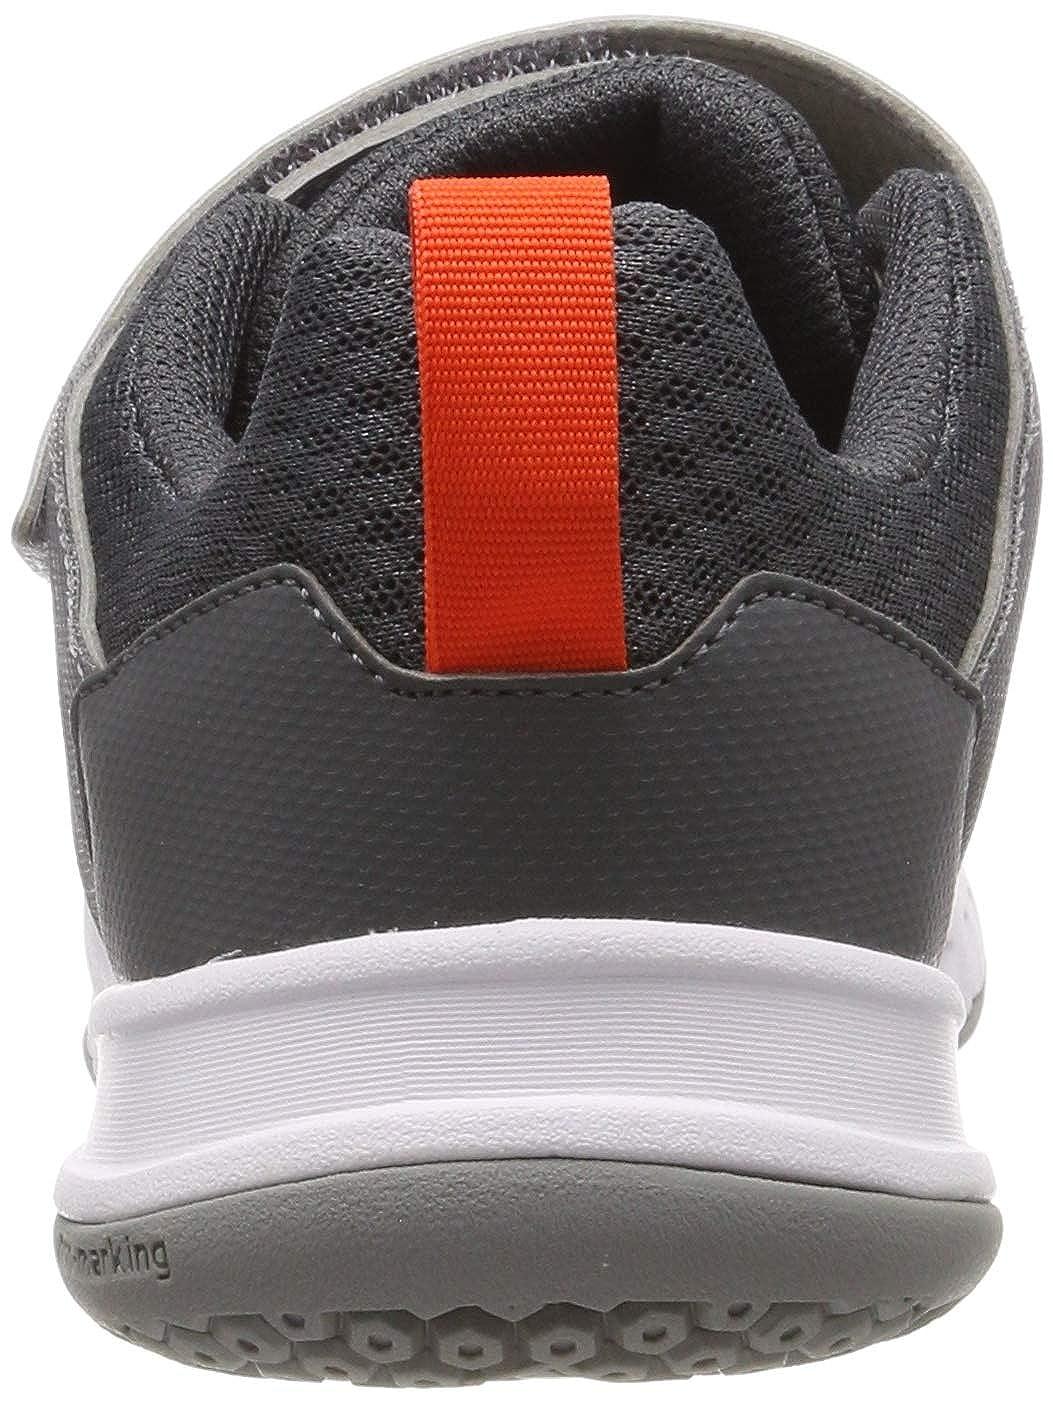 adidas Fortagym CF K Zapatillas de Gimnasia Unisex Ni/ños